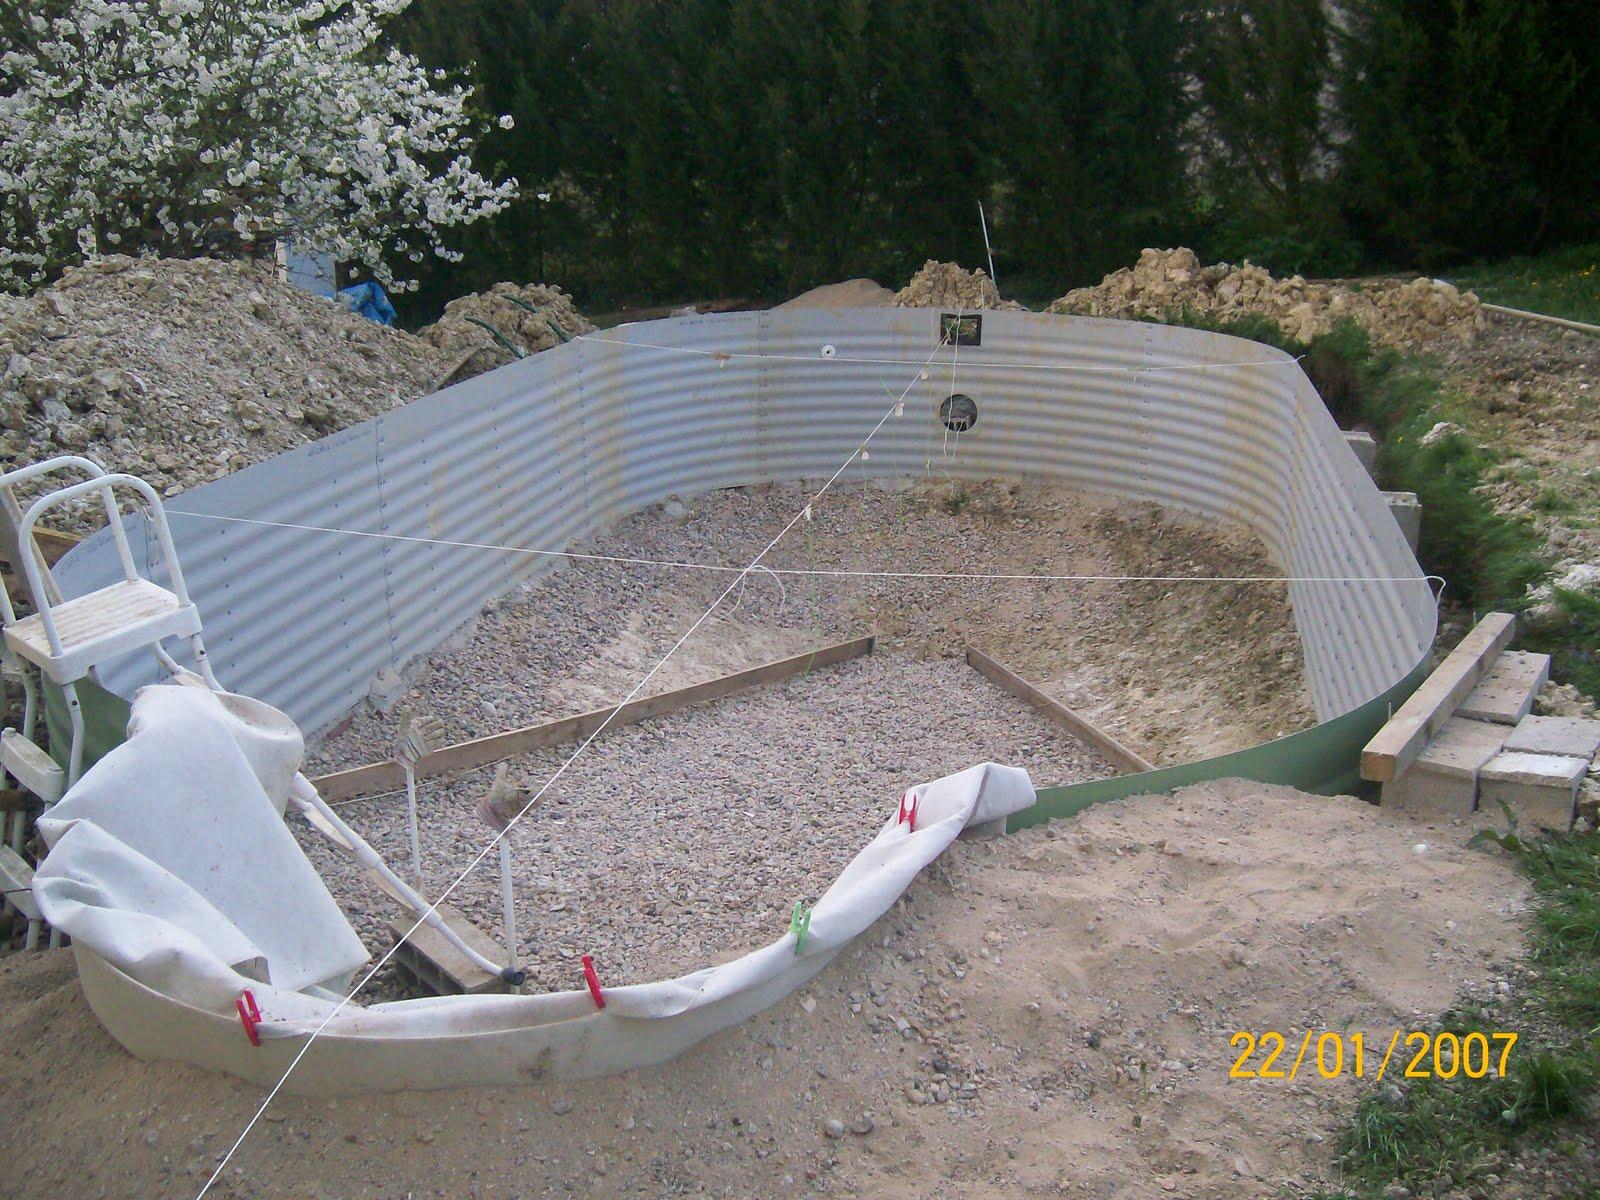 Notre olivia waterair montage etc - Dalle pour piscine hors sol ...